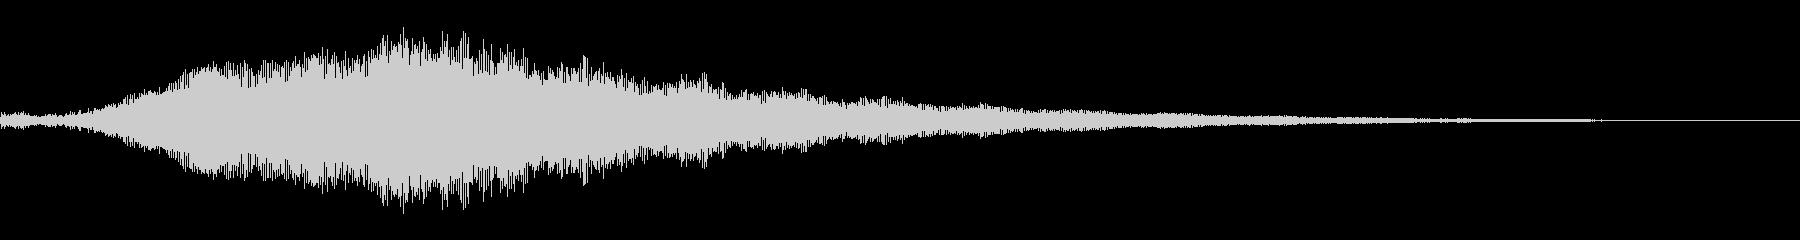 ホラー系導入音_その5の未再生の波形